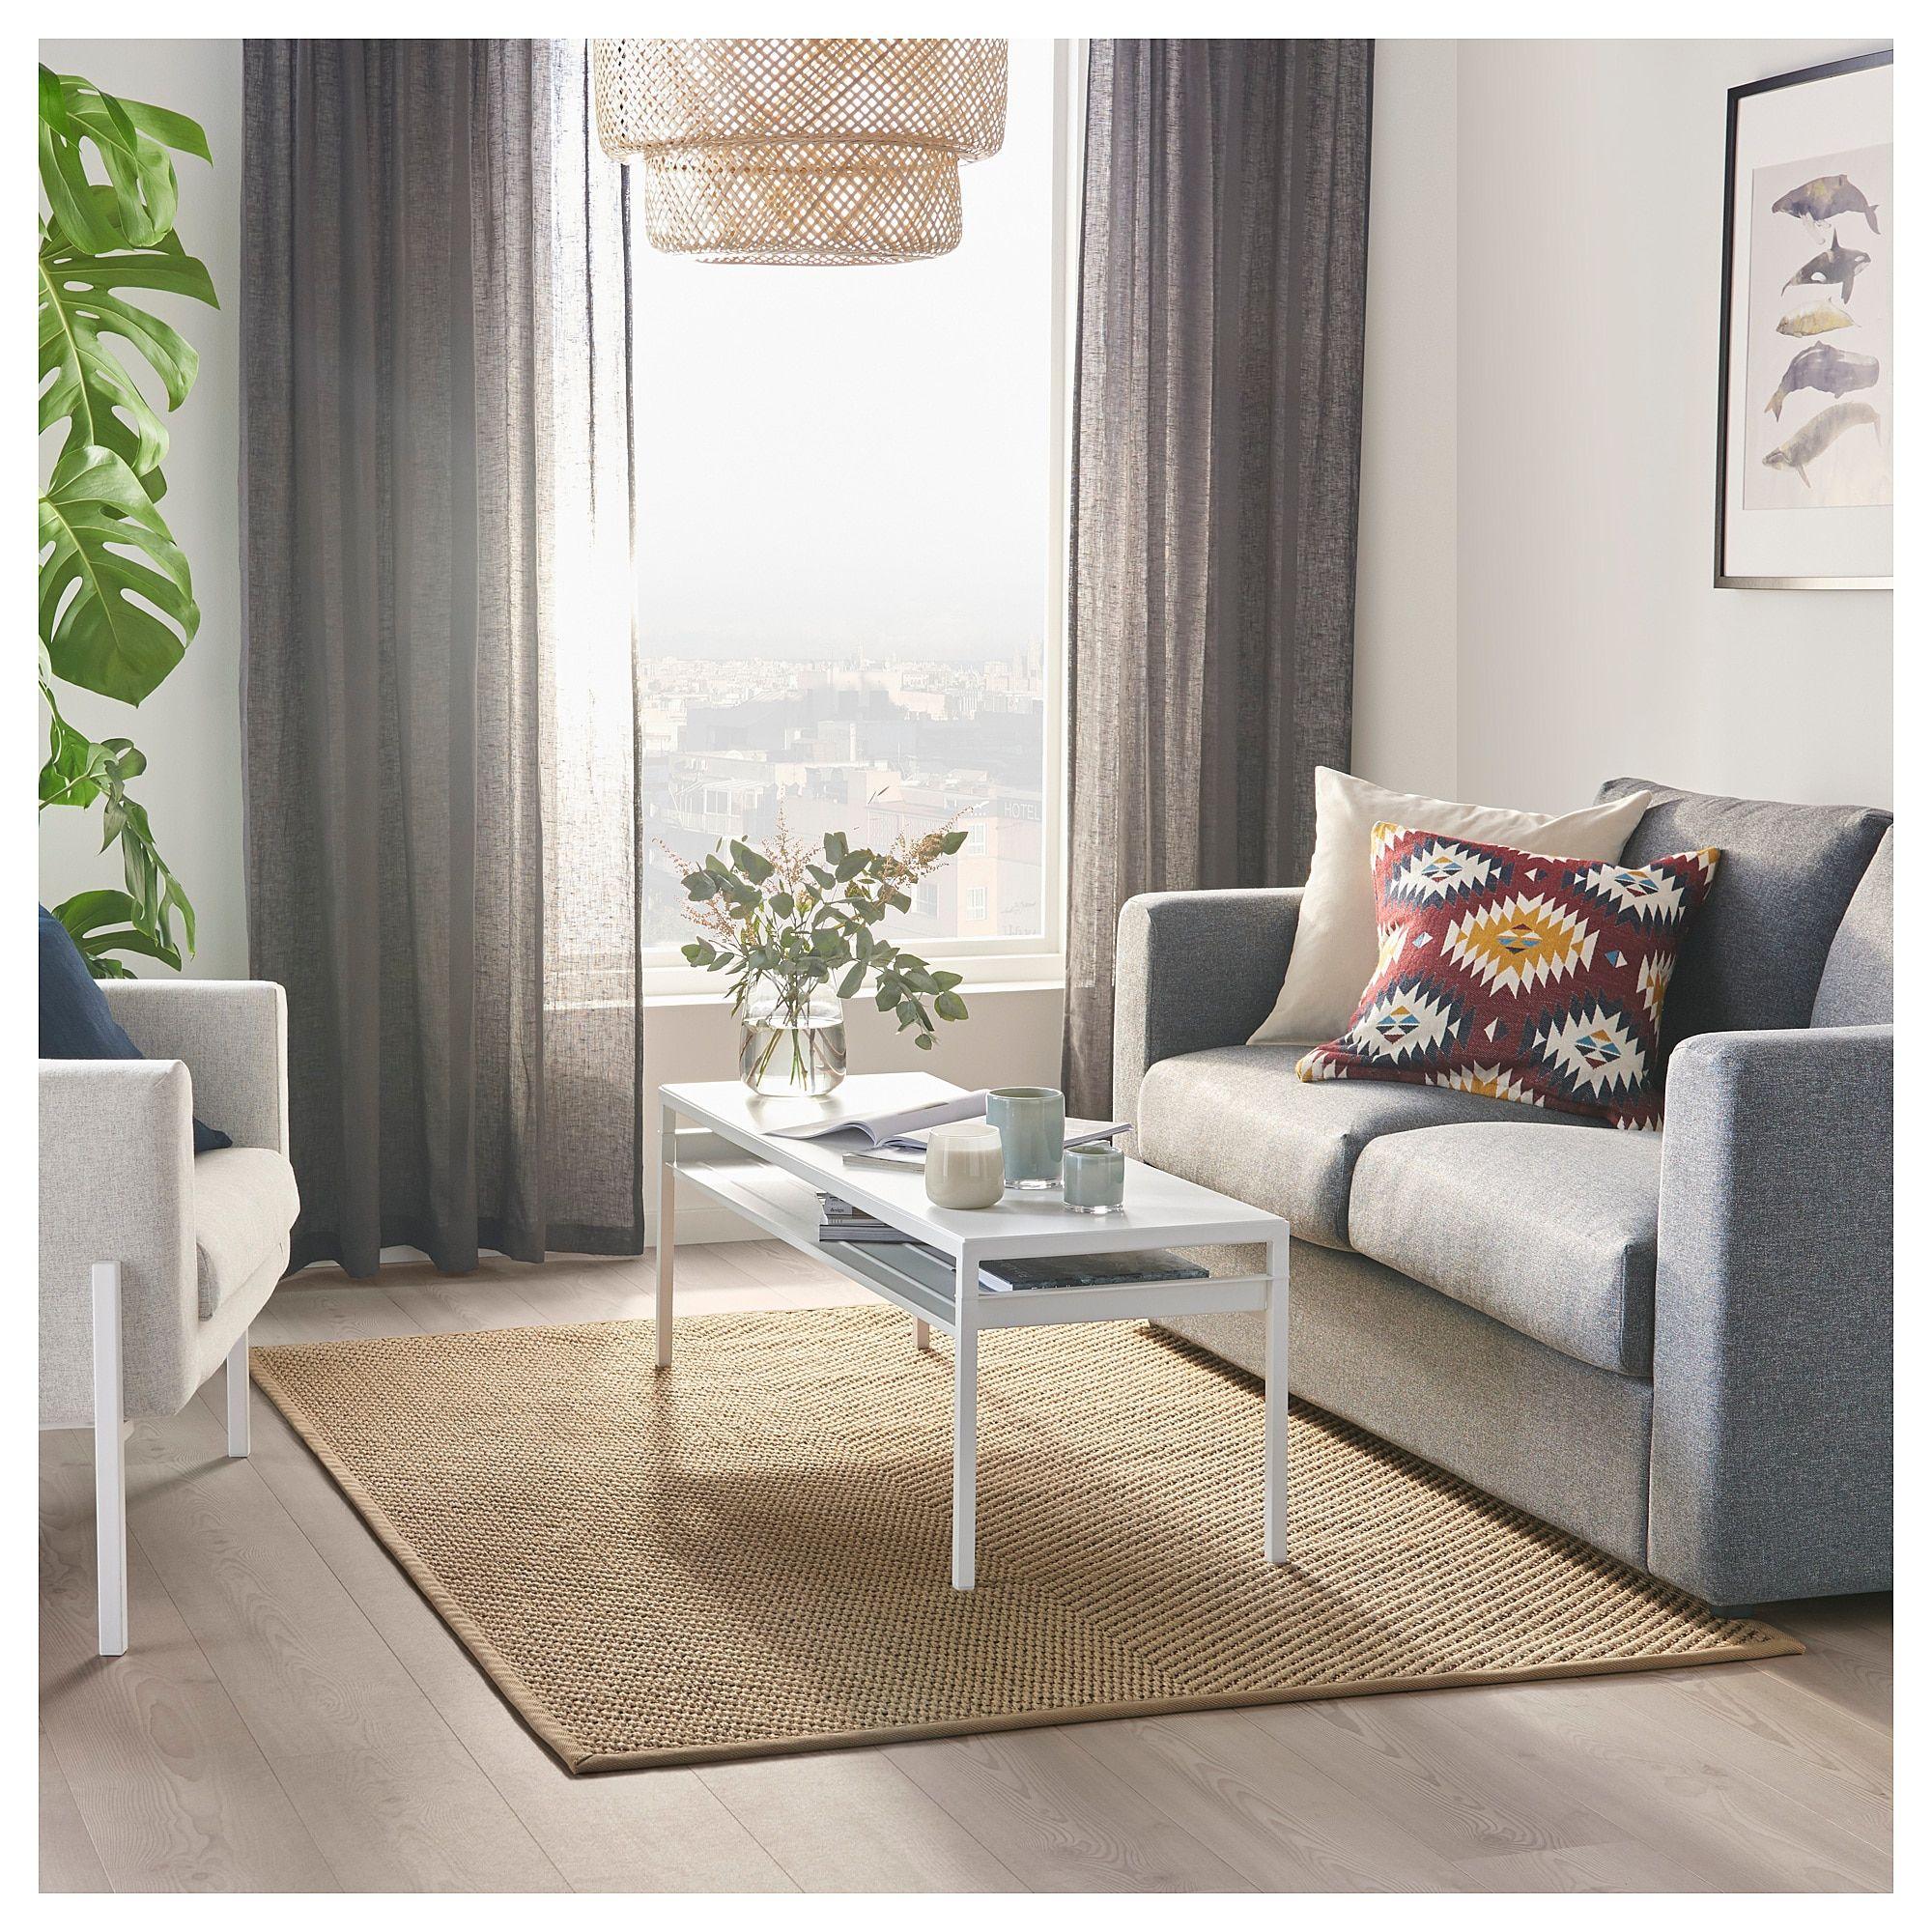 Rideau Gris Perle Ikea hellested tapis tissé à plat - naturel, brun 133x195 cm